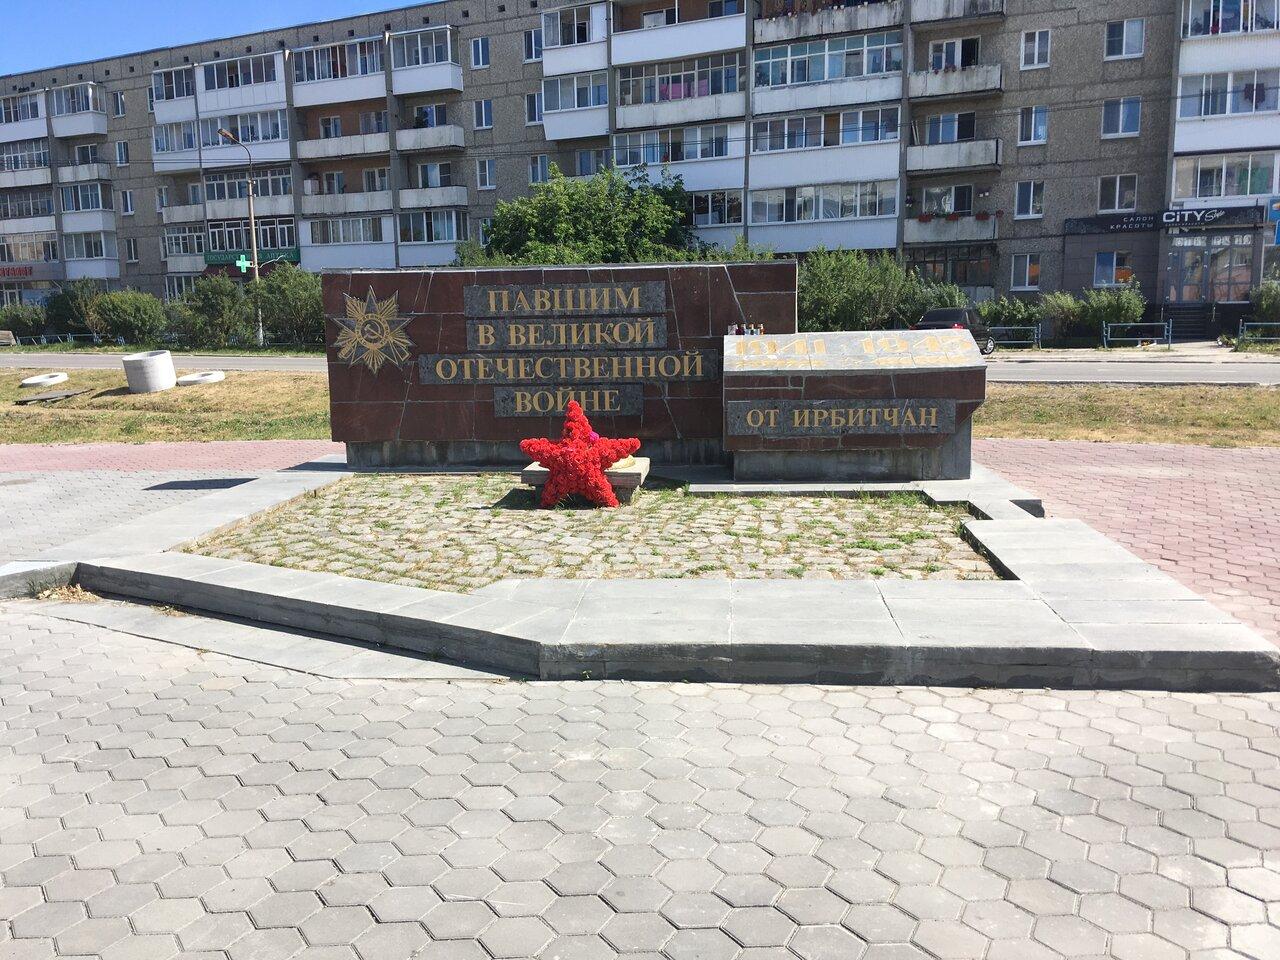 Огонь Памяти (памятный знак всем не вернувшимся с фронтов Великой Отечественной войны ирбитчанам)